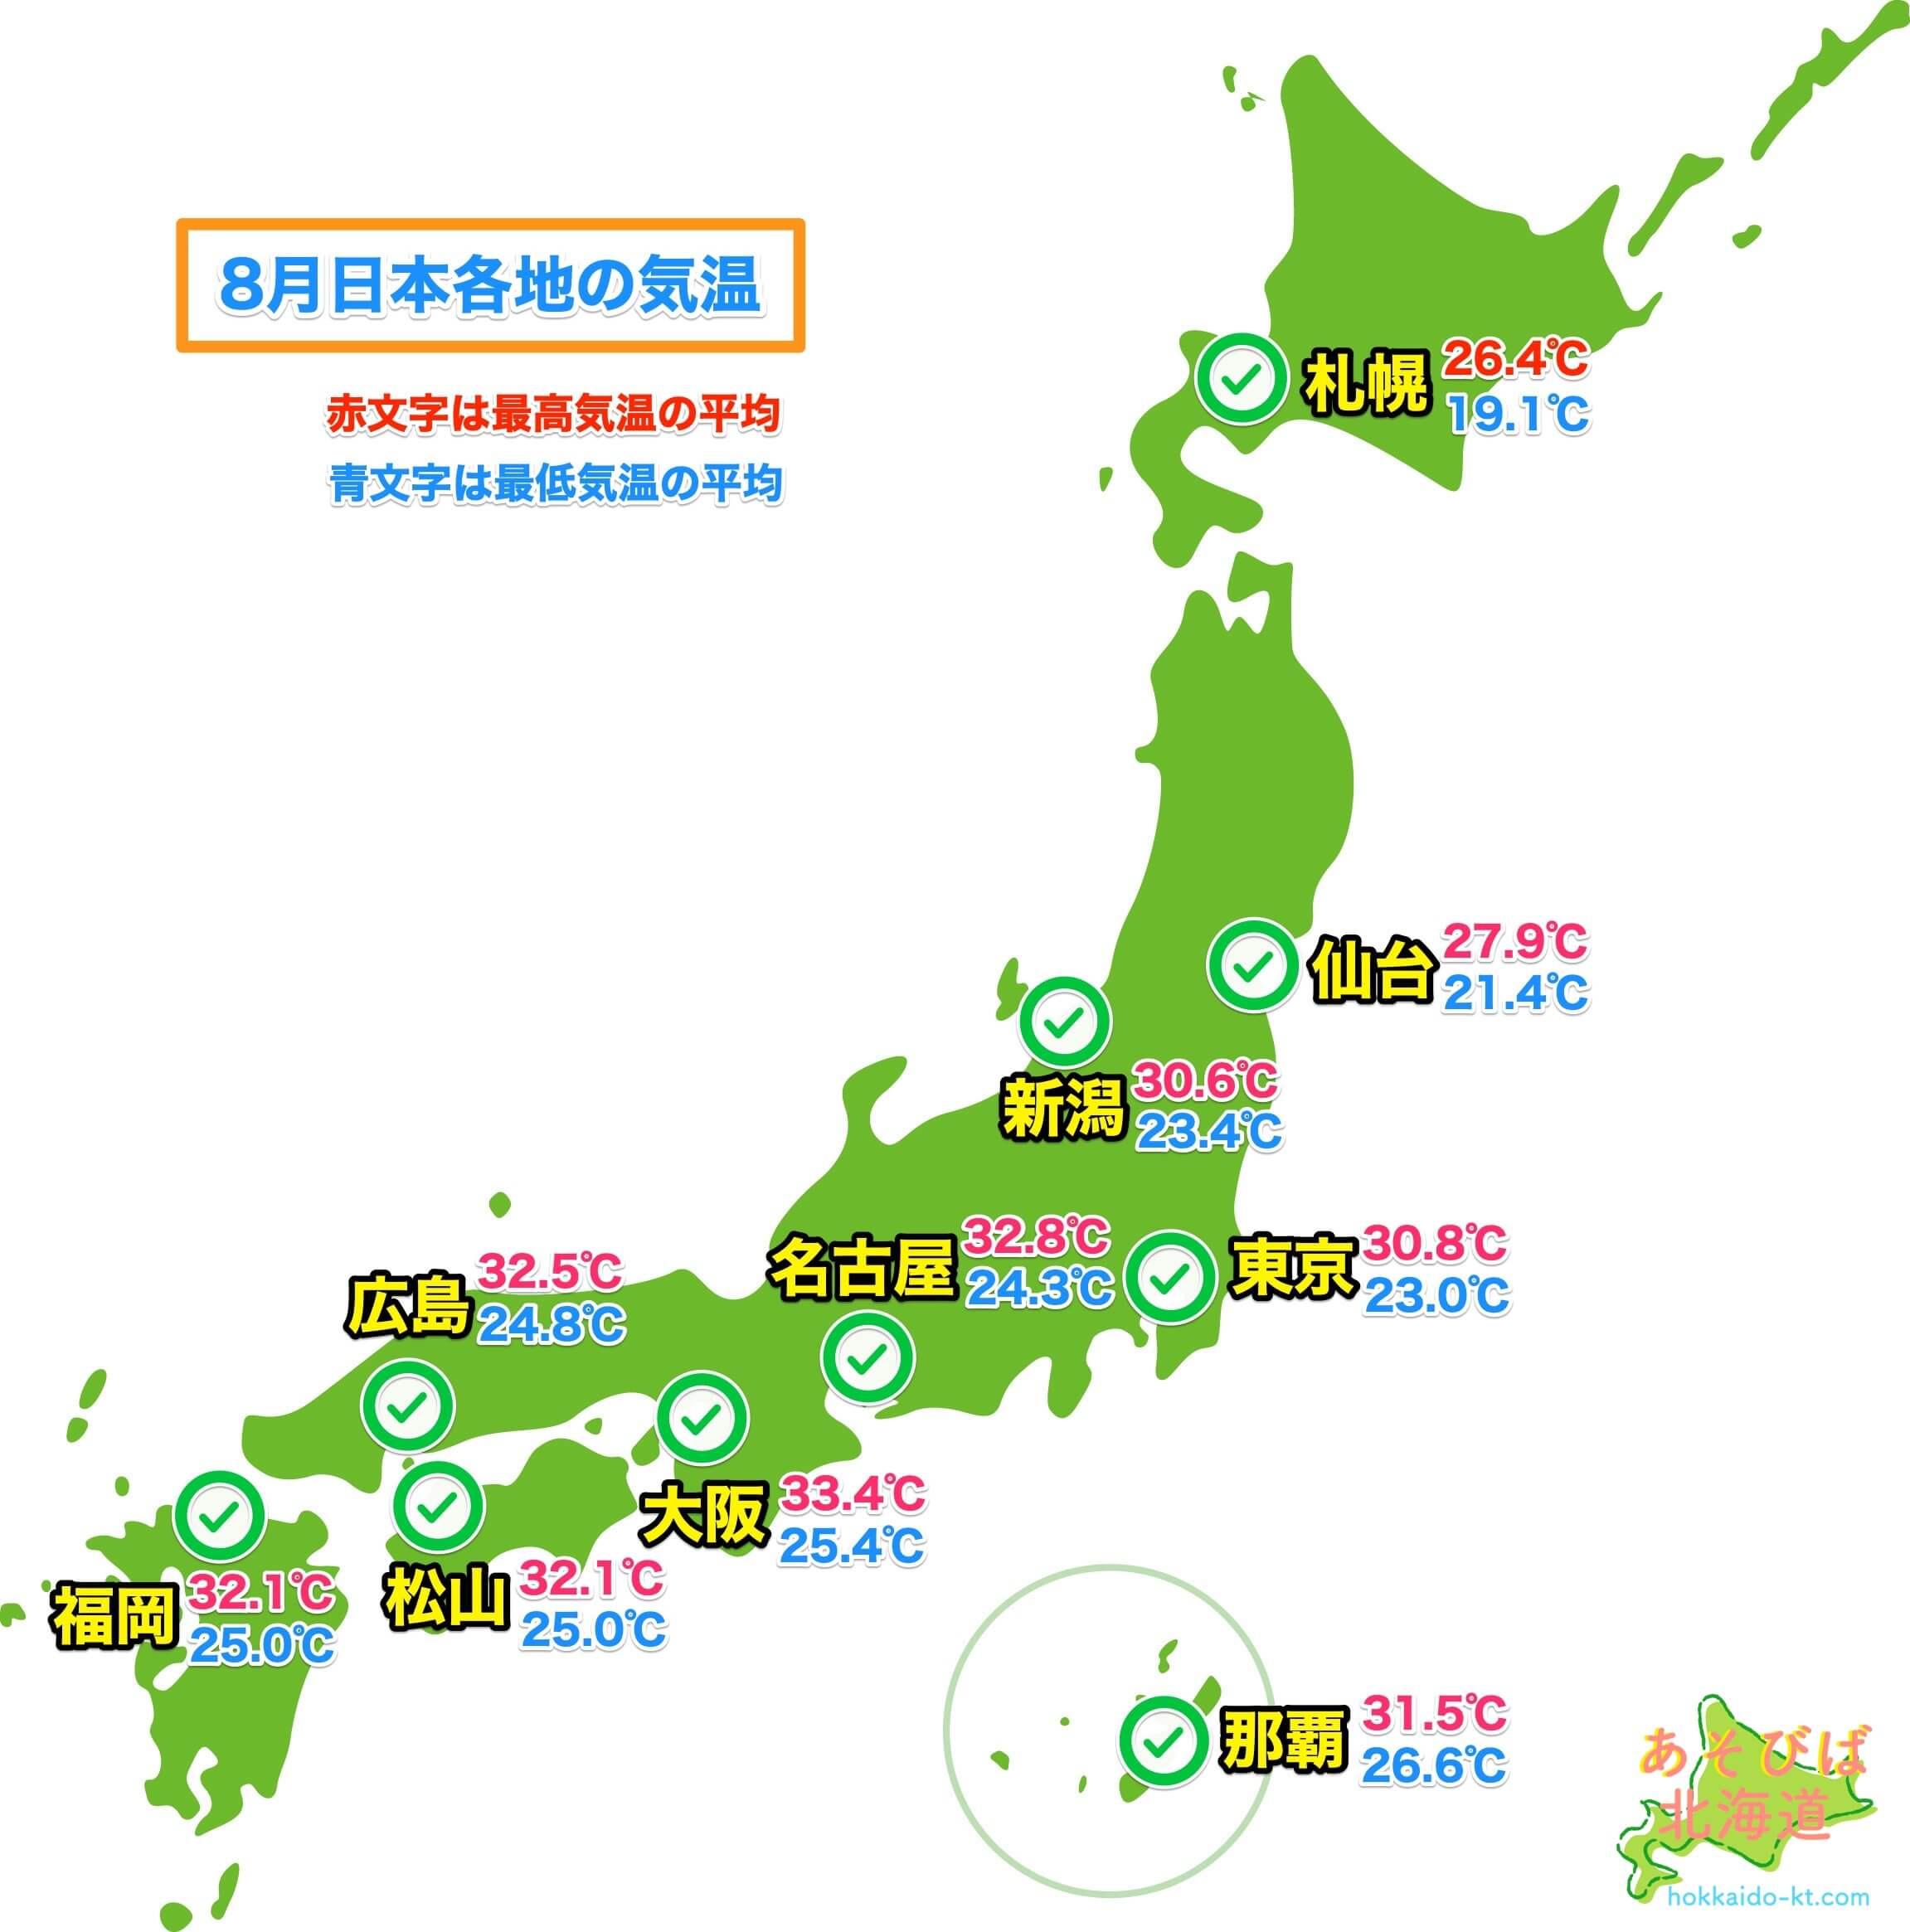 8月の日本各地の気温